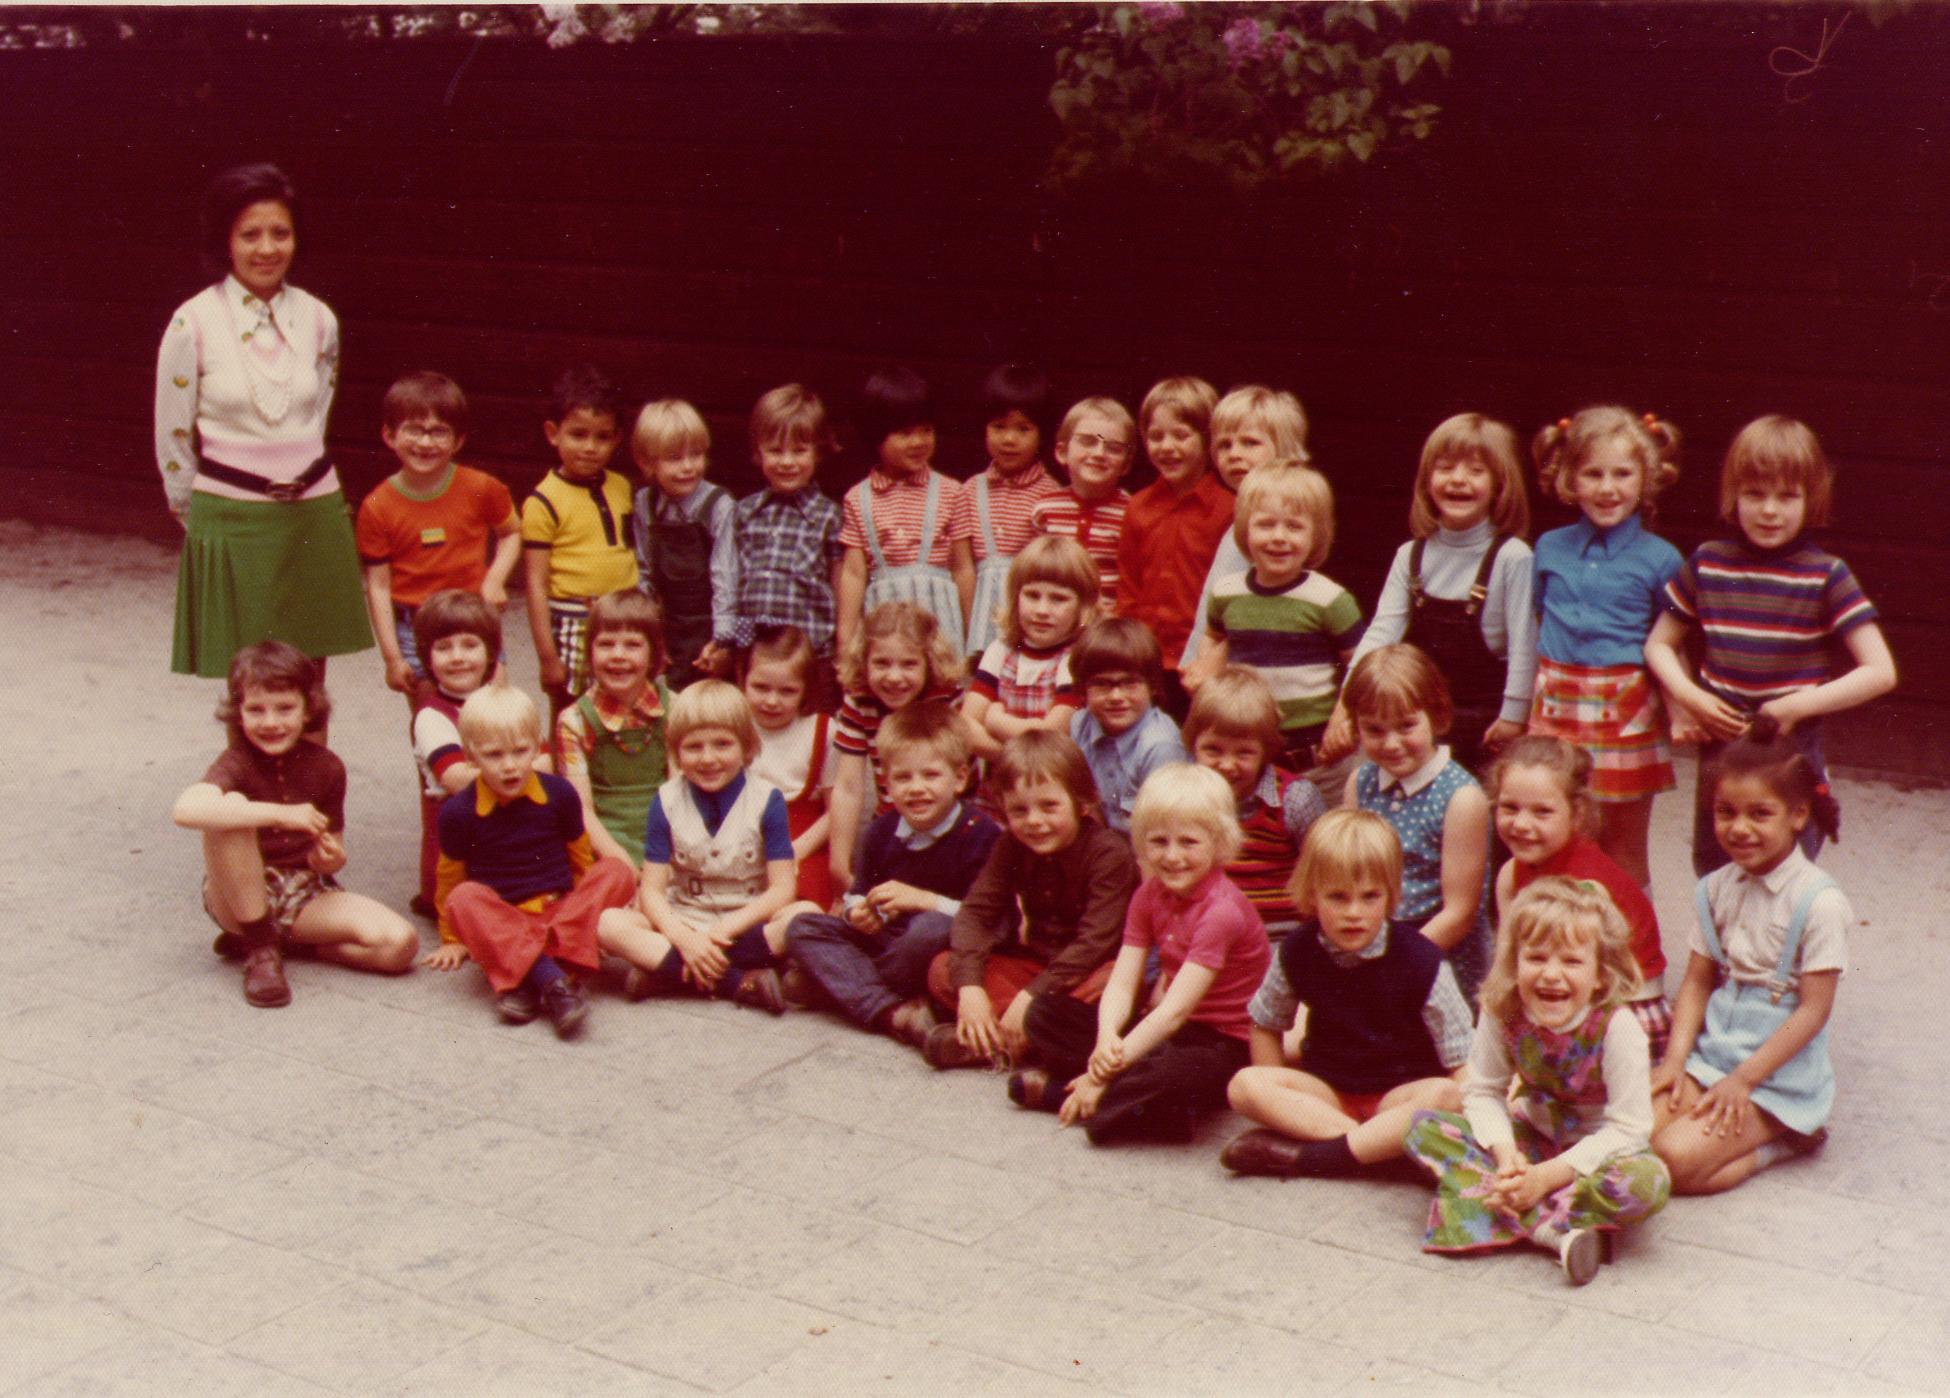 Aeneas Mackayschool foto